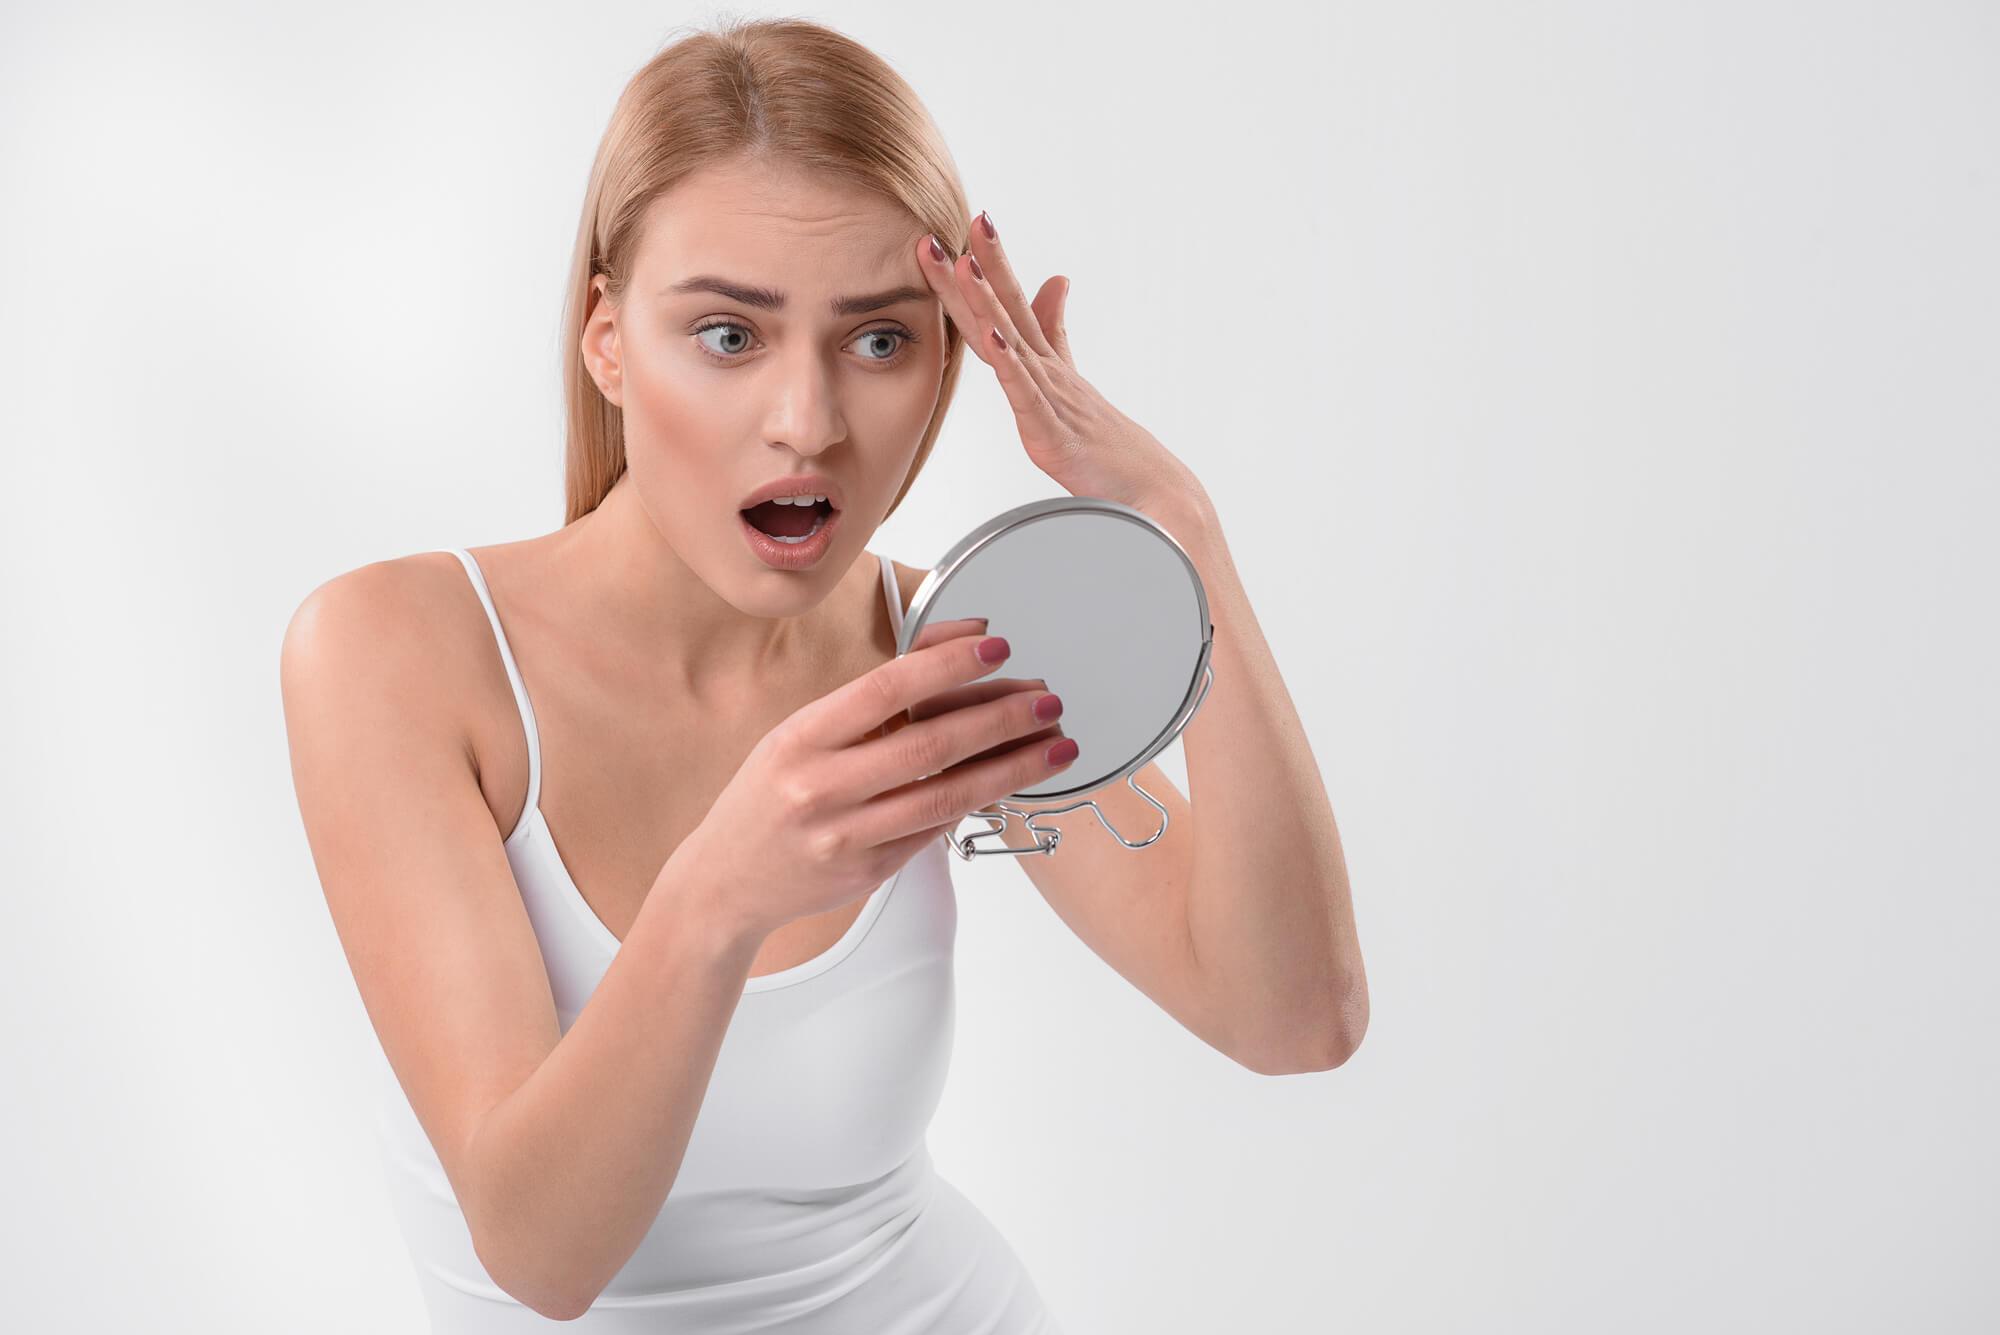 女性にも薄毛や抜け毛が起こるって本当?